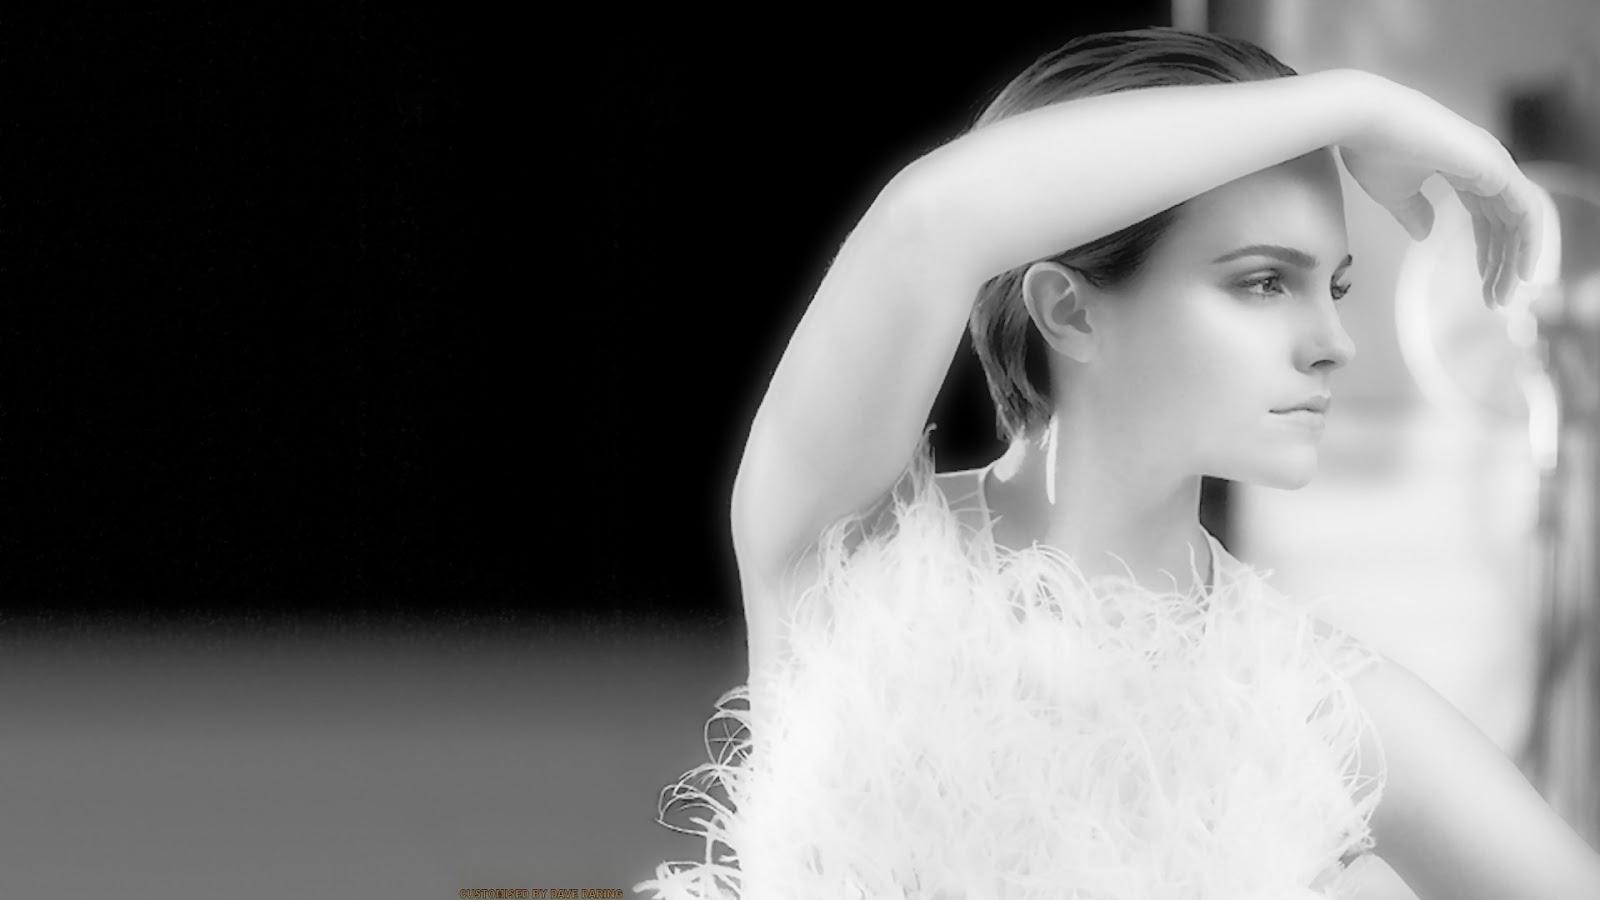 Emma Watson Black n White Image HD